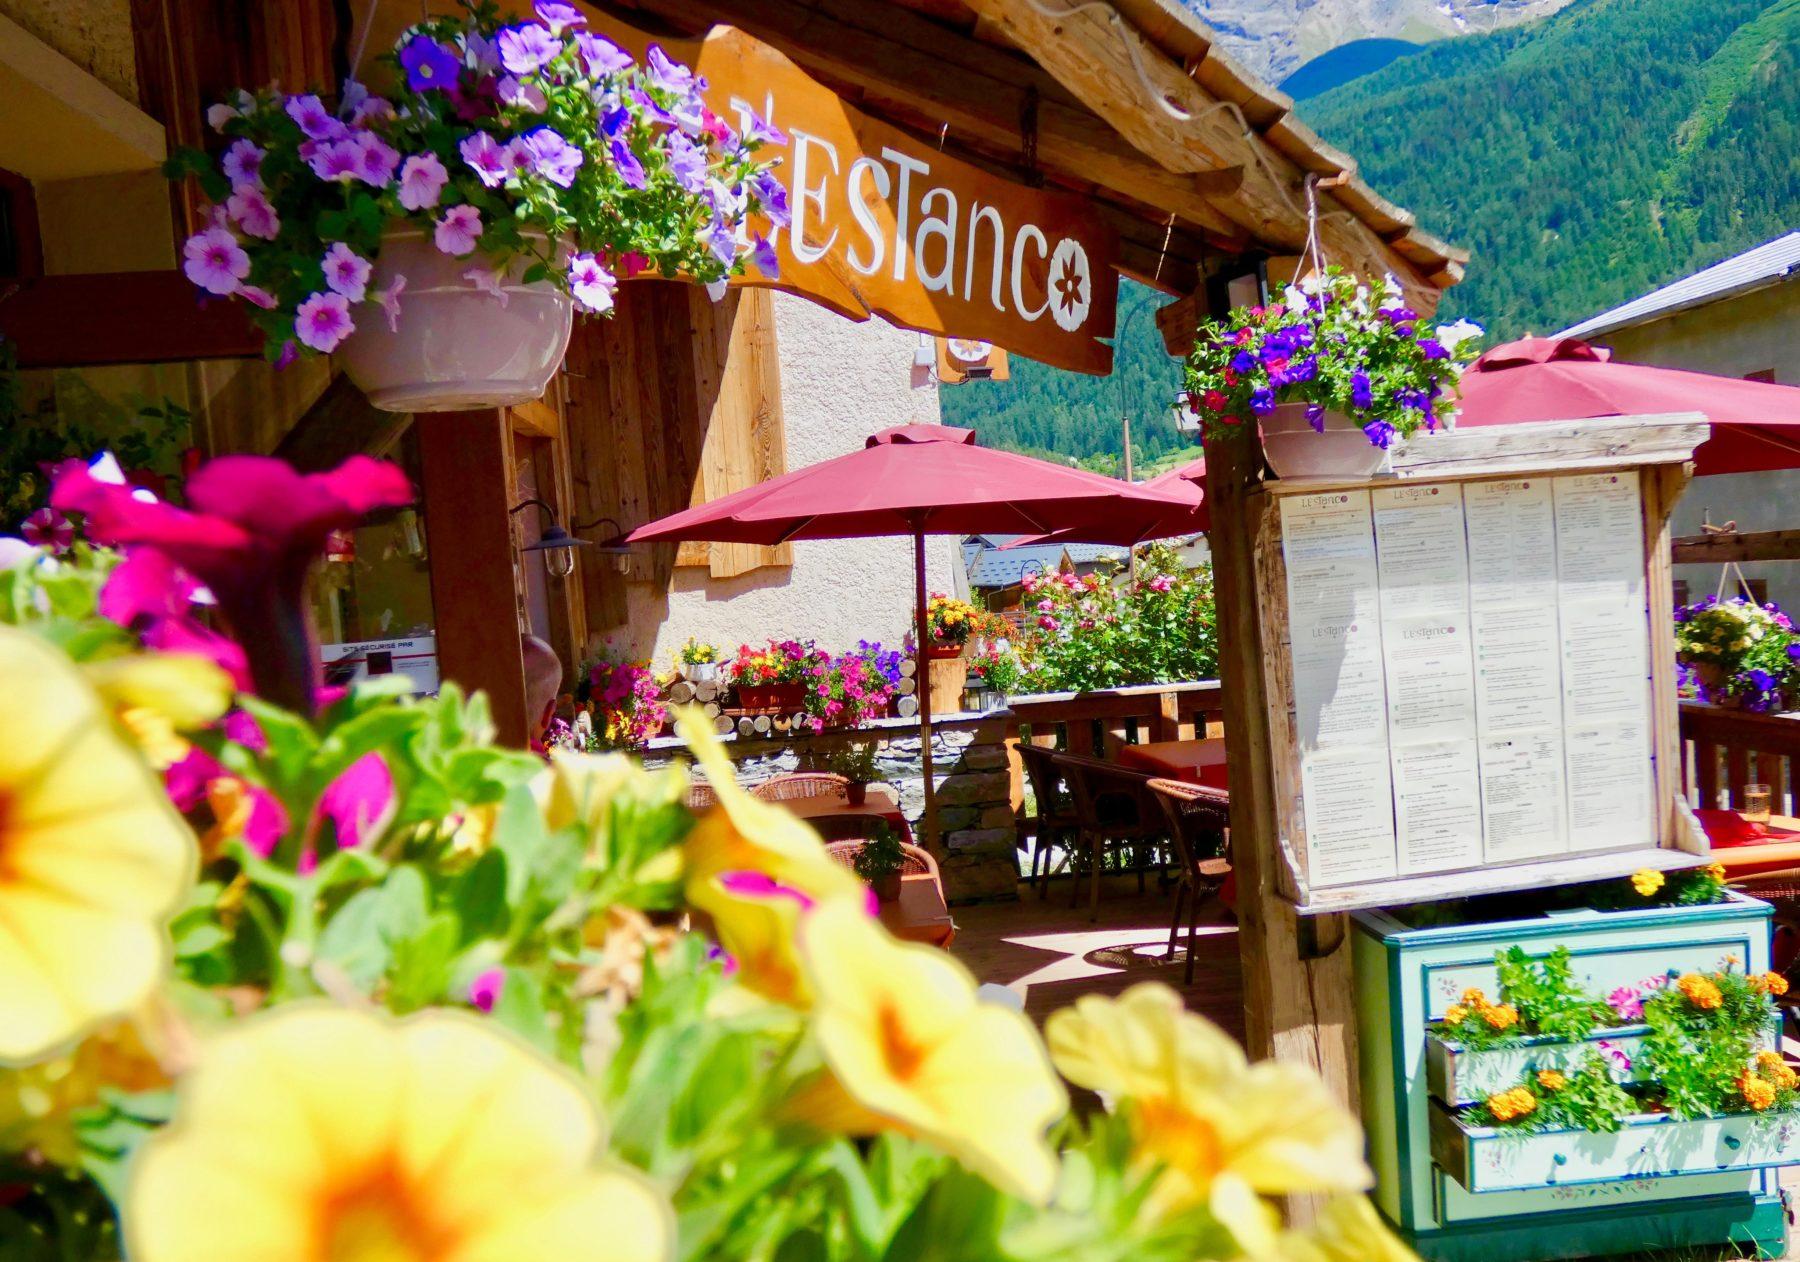 été Restaurant l'Estanco Val Cenis Lanslevillard Maurienne Savoie Terrasse fleurie fleurs